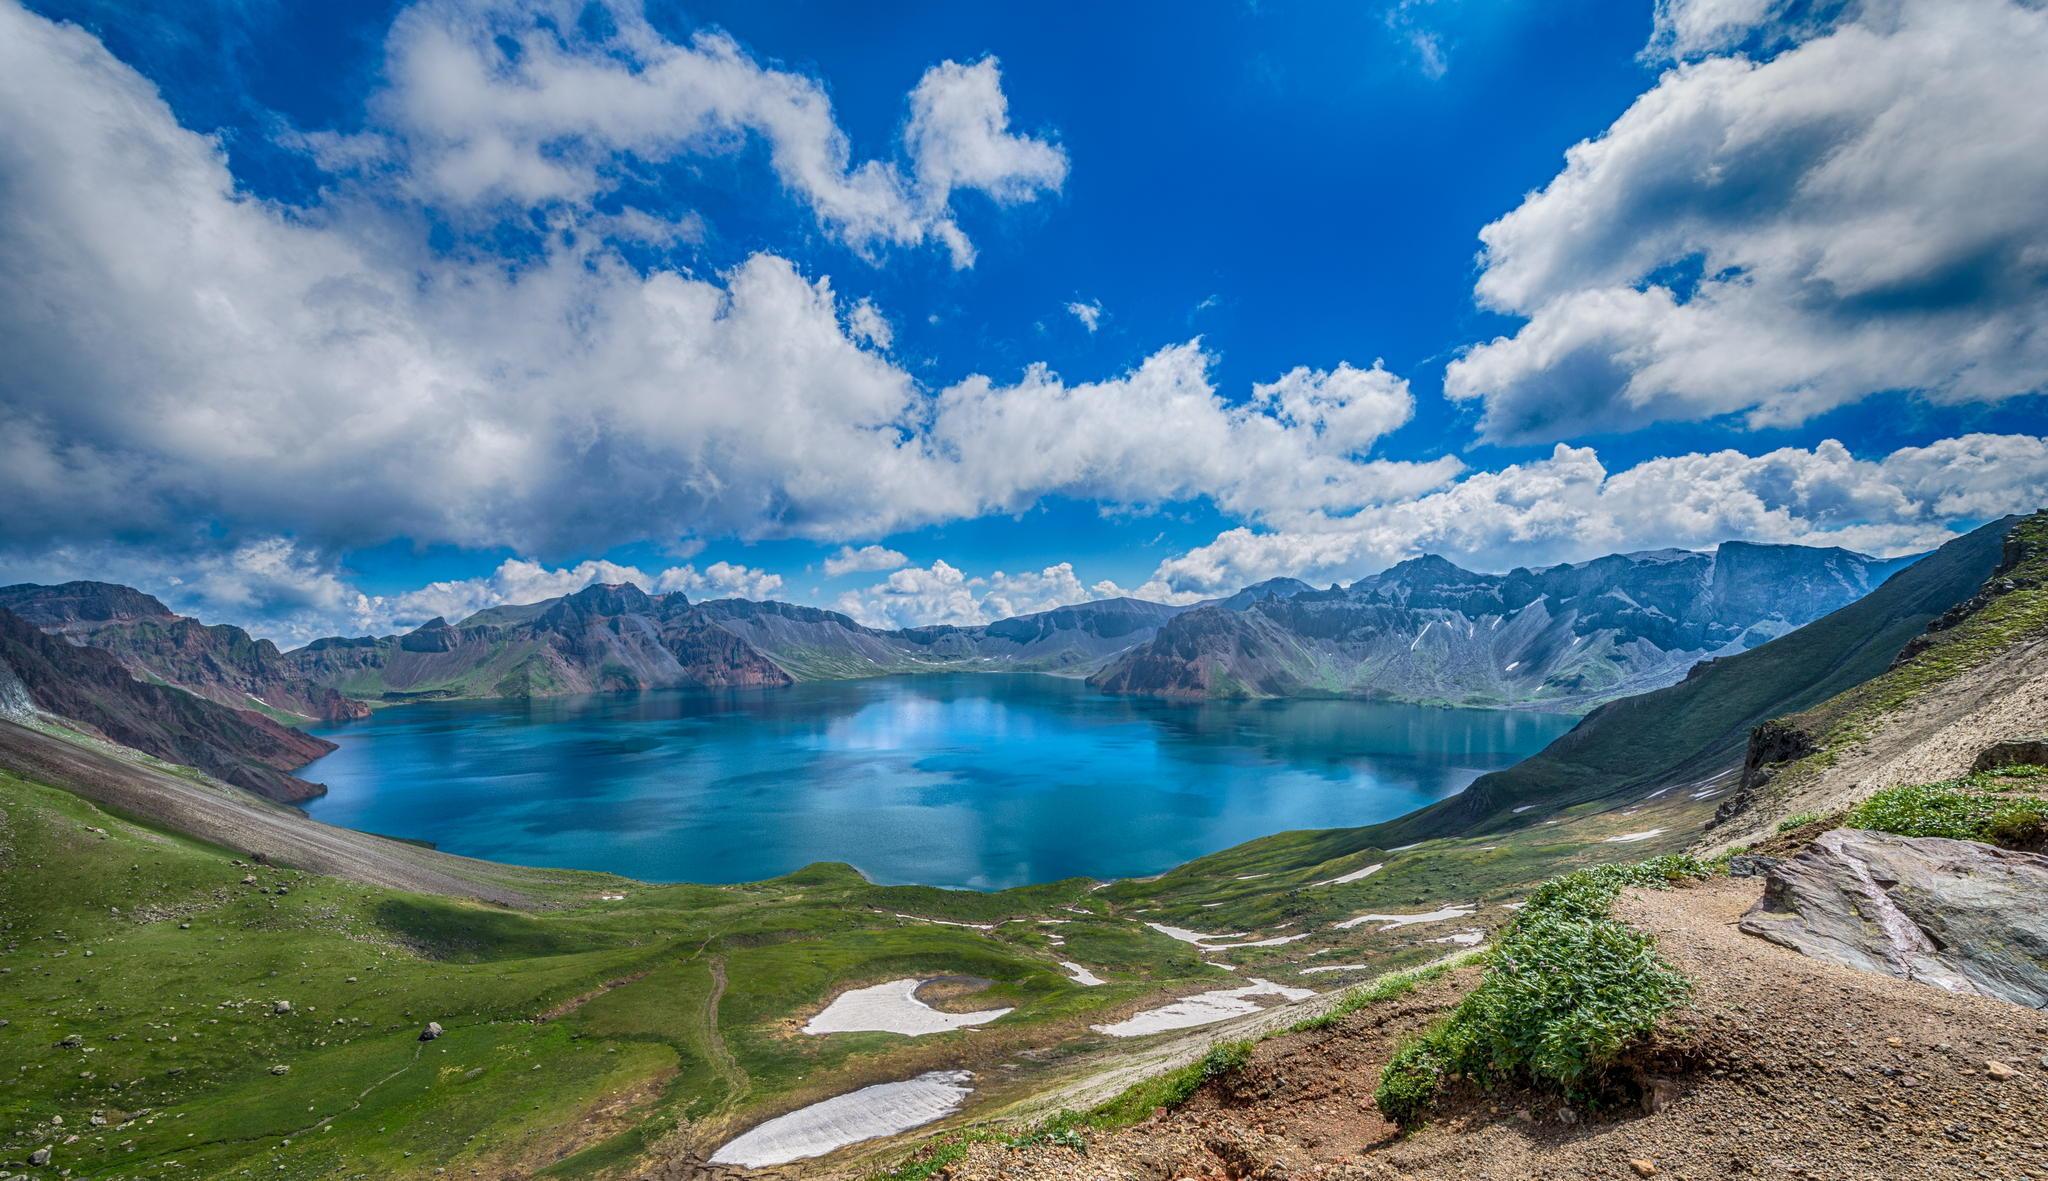 Голубое озеро в горах  № 2798878 бесплатно